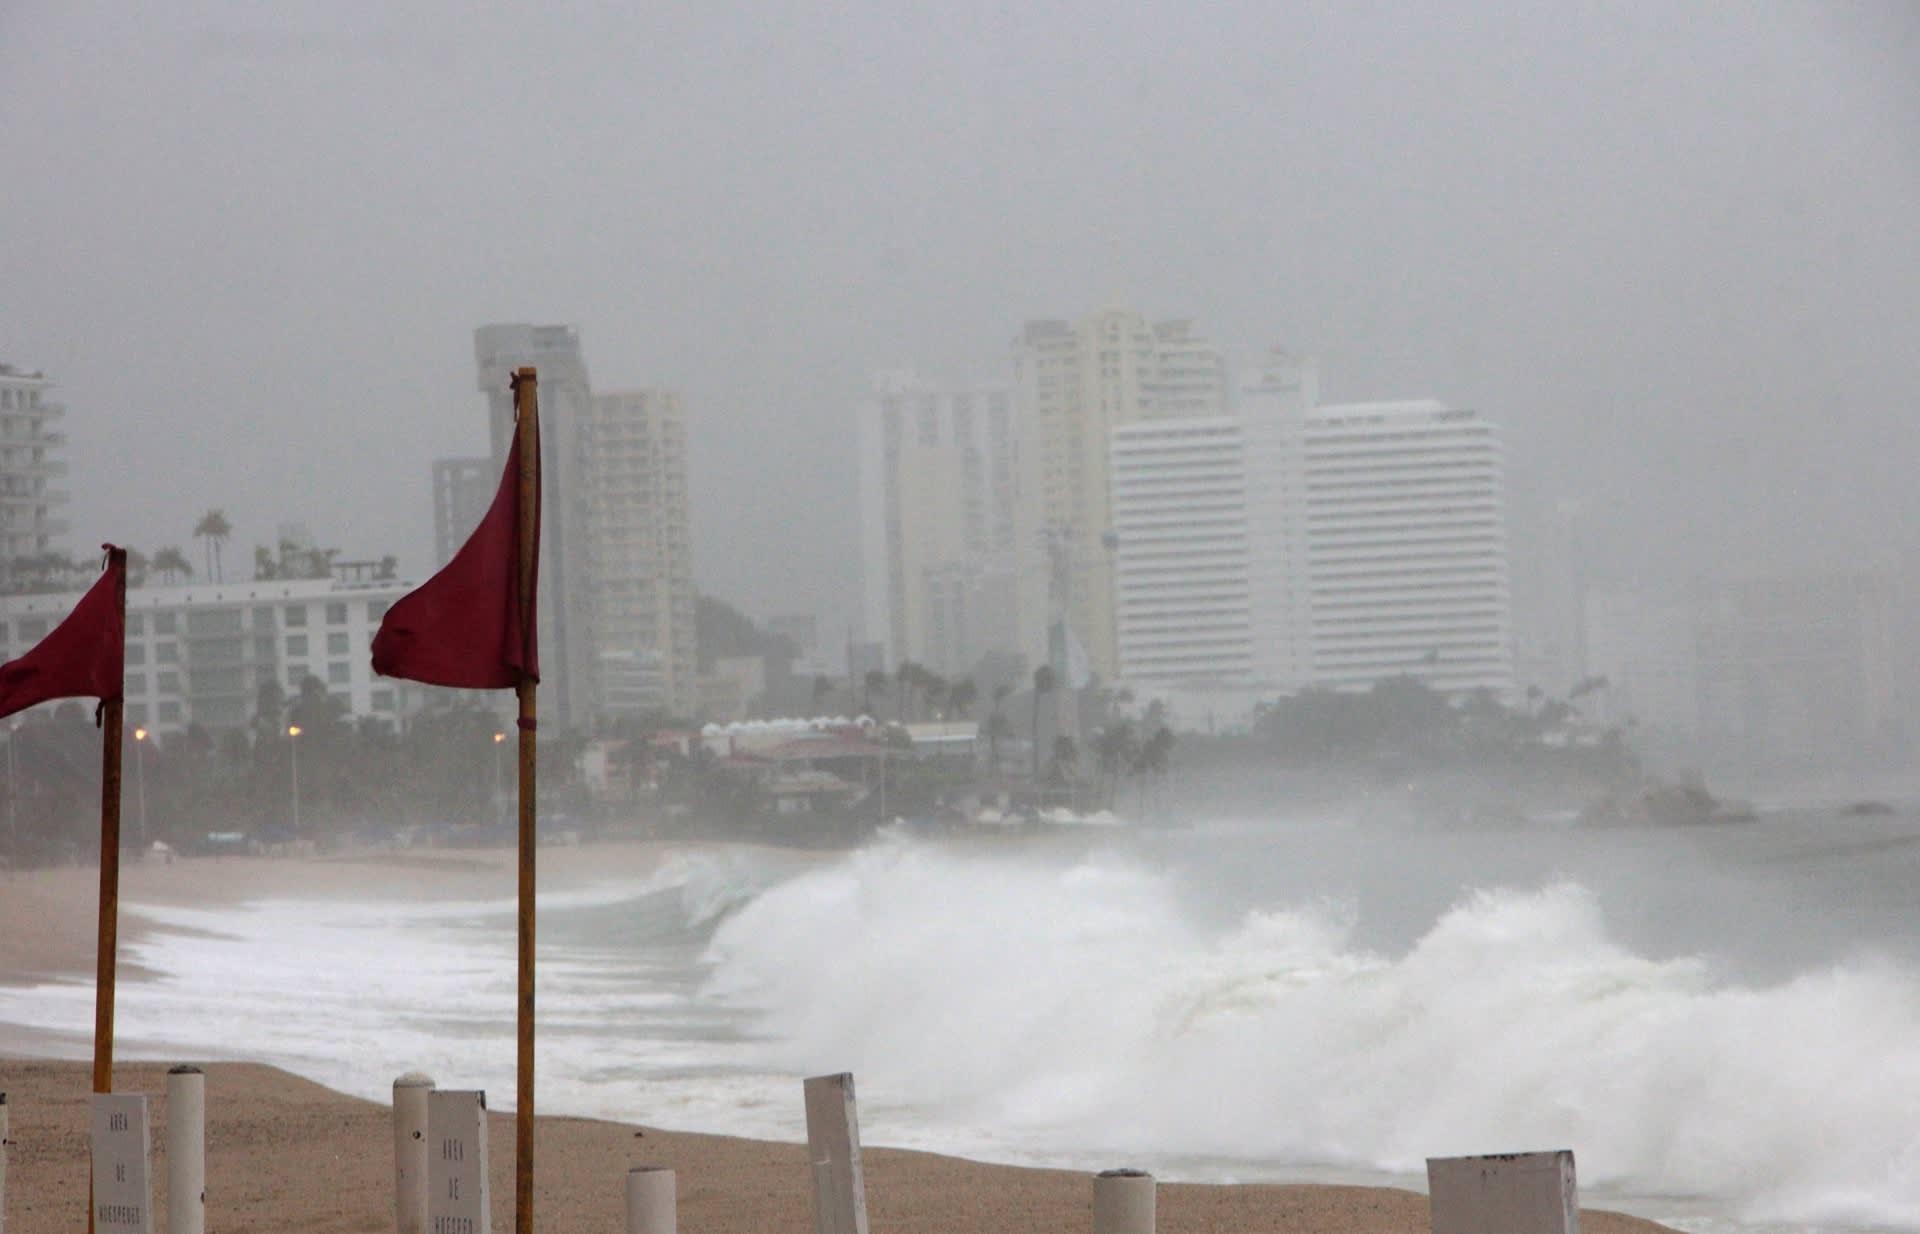 Hurrikaani Max rantautui Meksikoon.